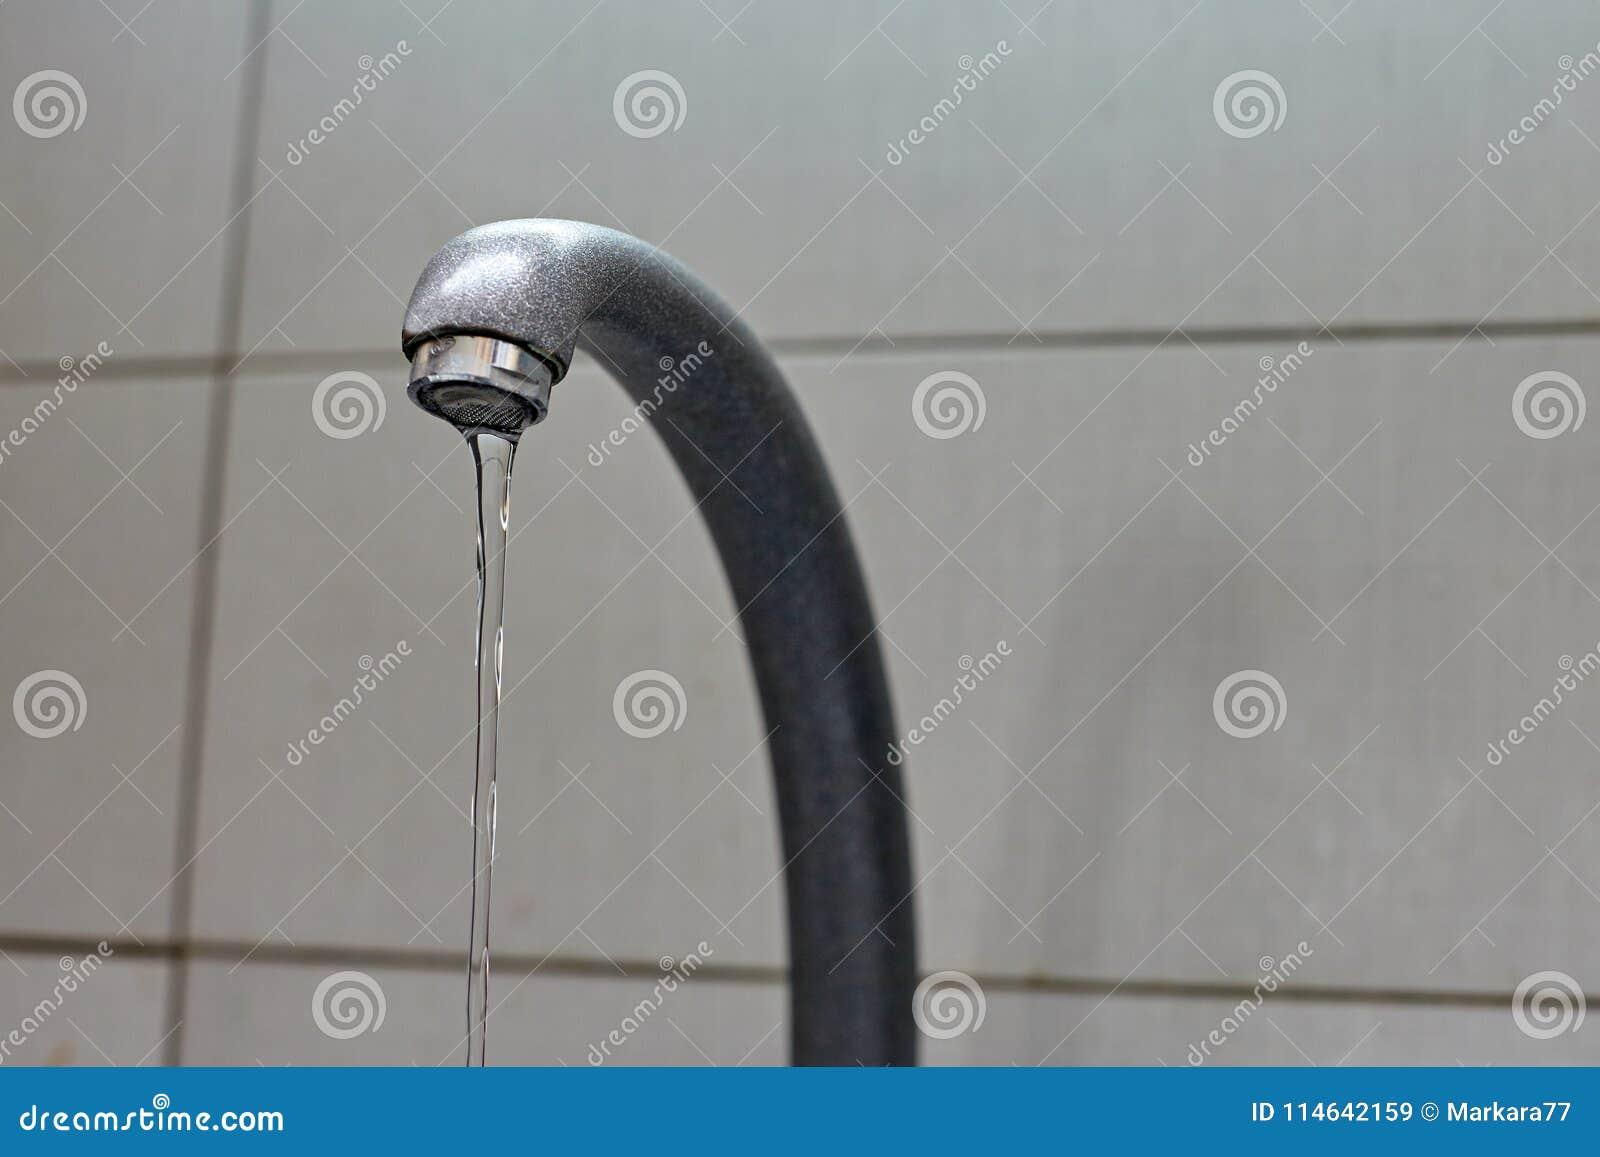 Torneira de água de um torneira